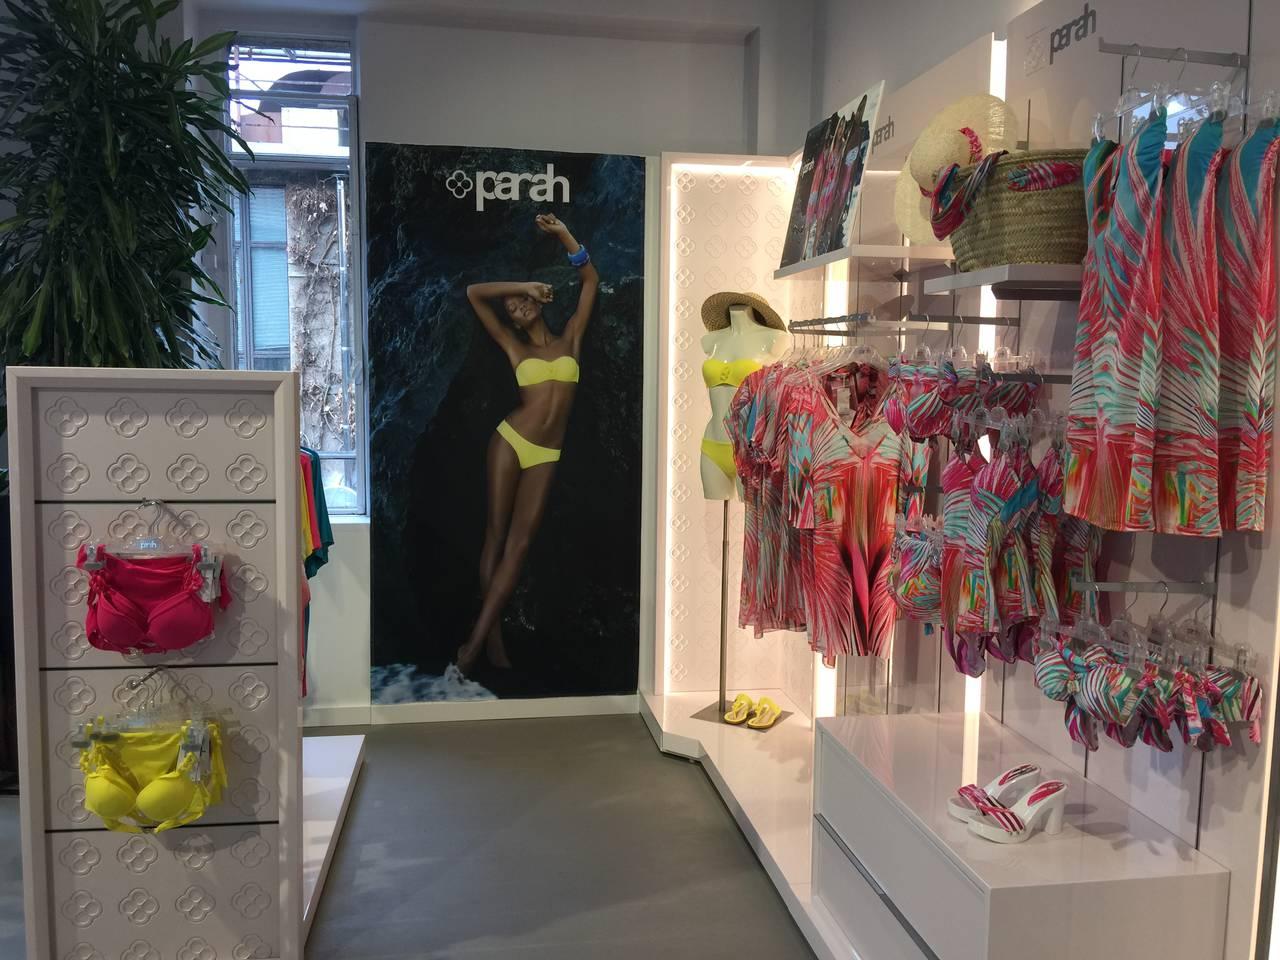 Corner showroom Parah 2